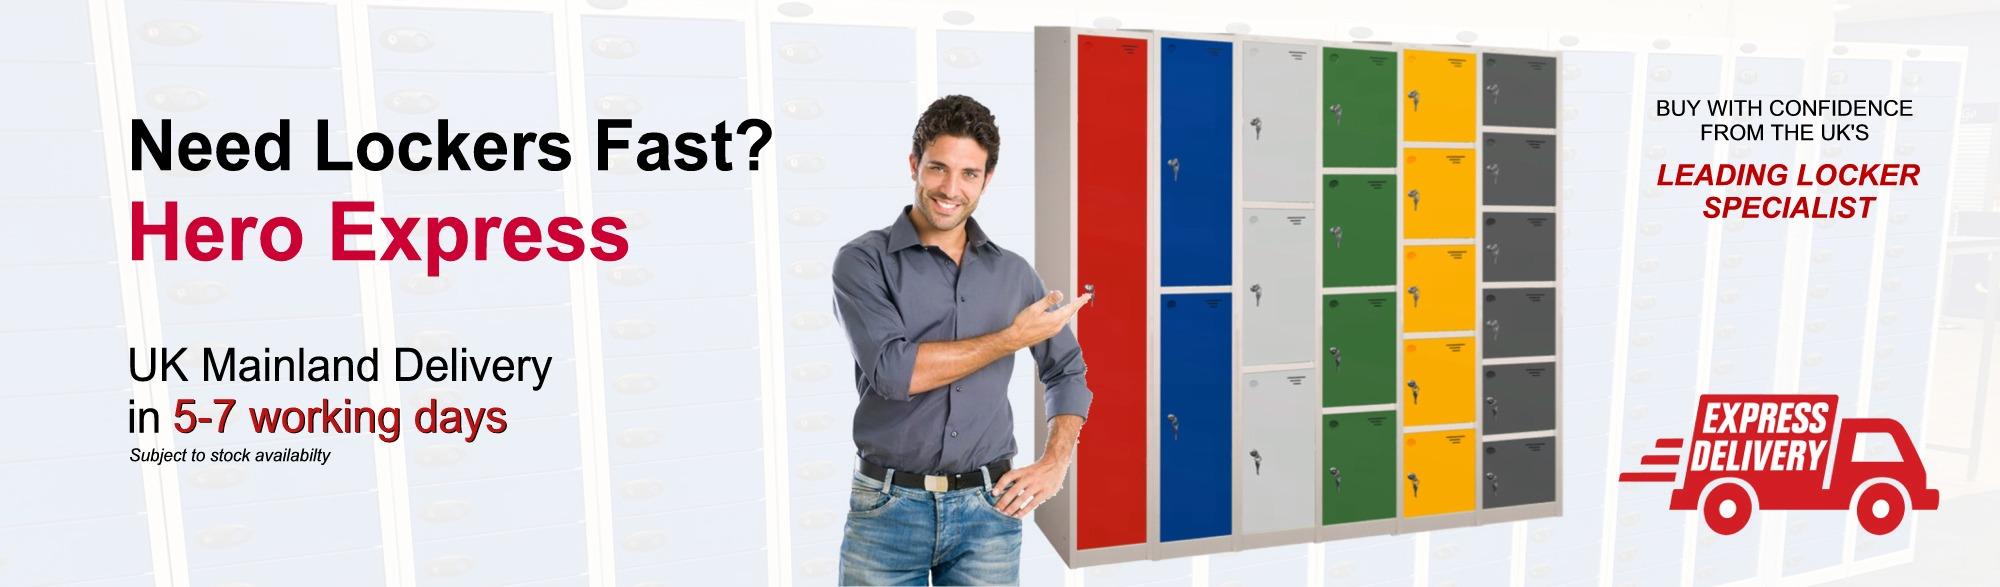 staff personel gym club workplace lockers